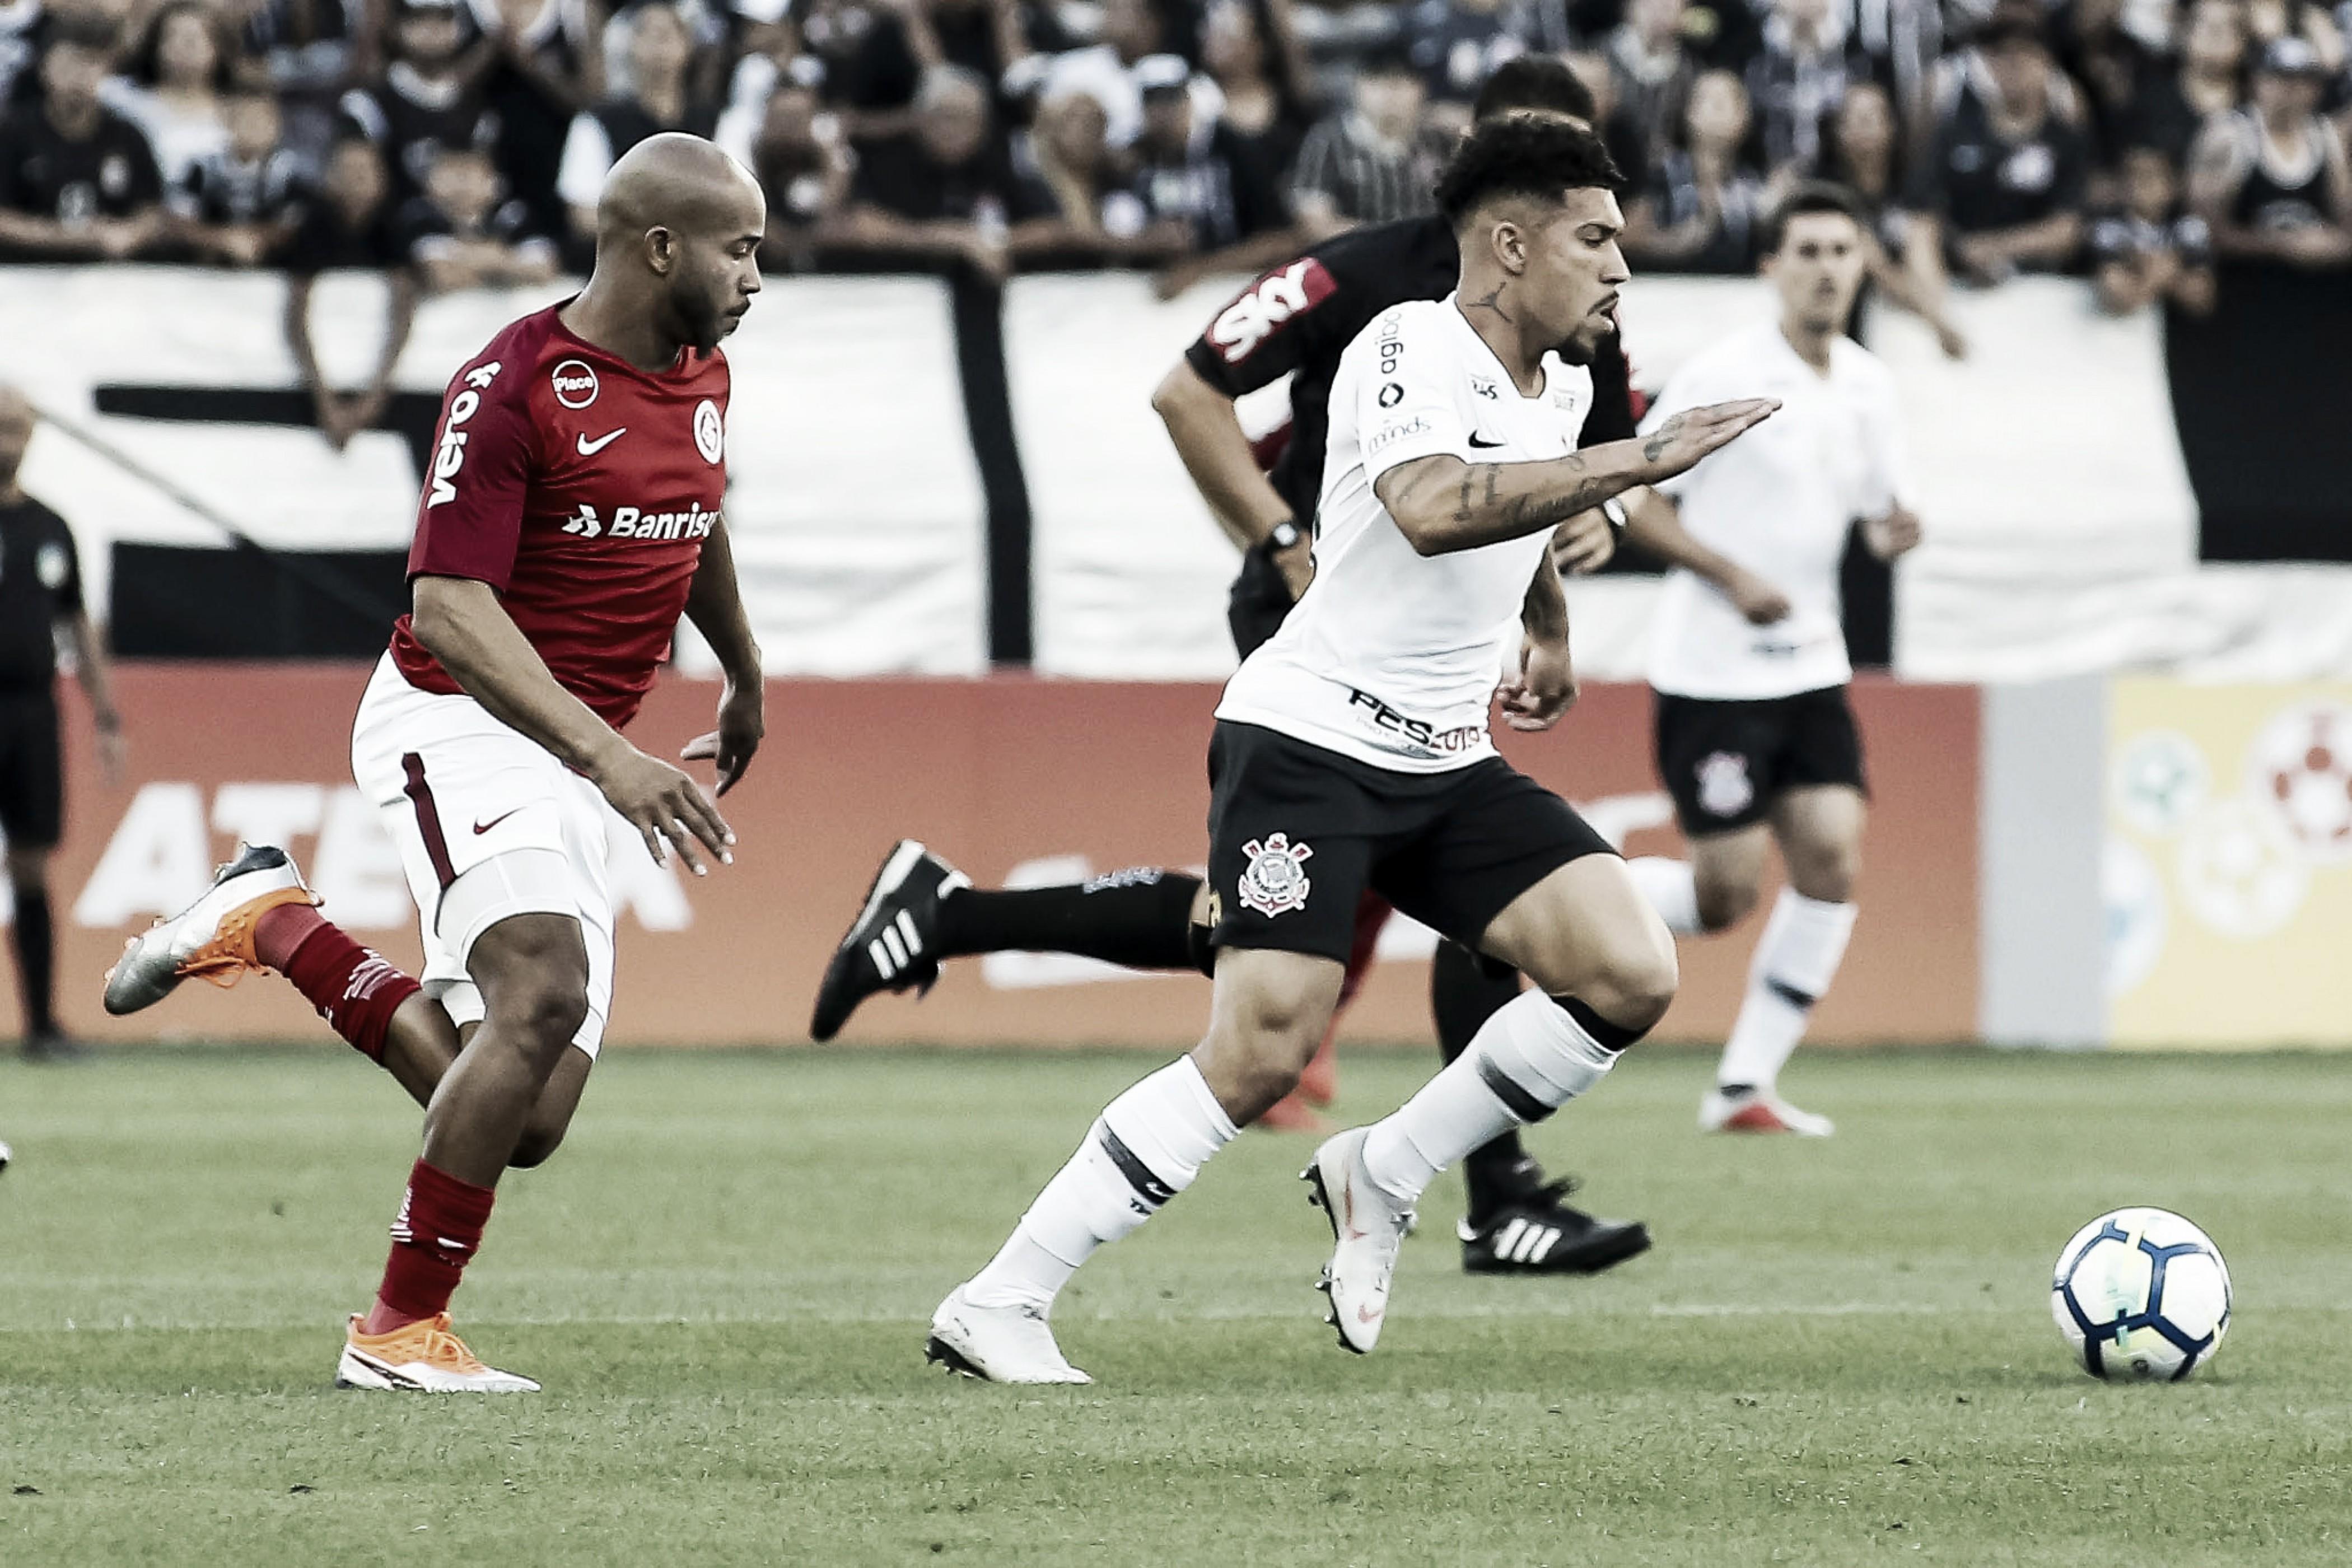 Em jogo truncado, Corinthians consegue empate contra o Internacional pelo Brasileiro